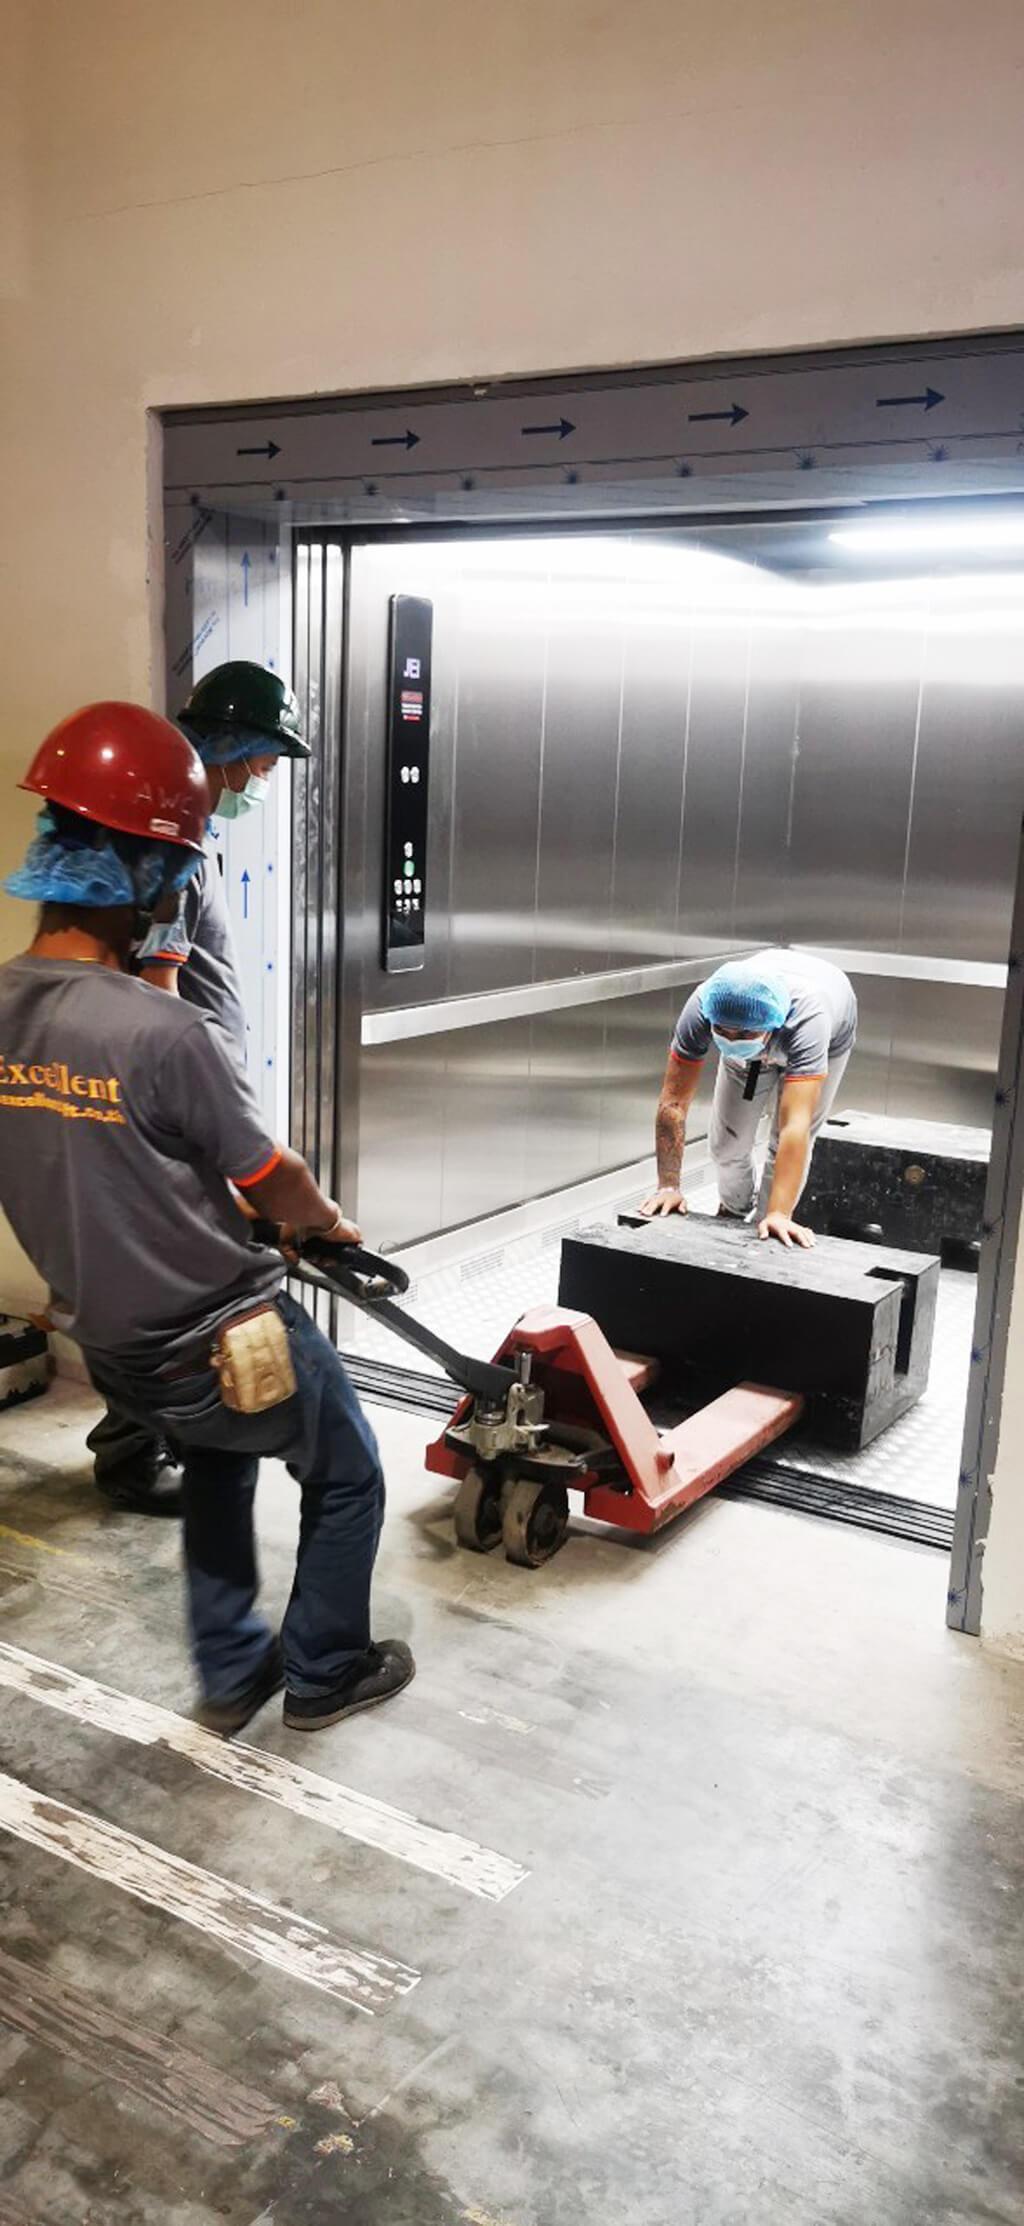 ลิฟท์บรรทุก-ลิฟท์โดยสาร